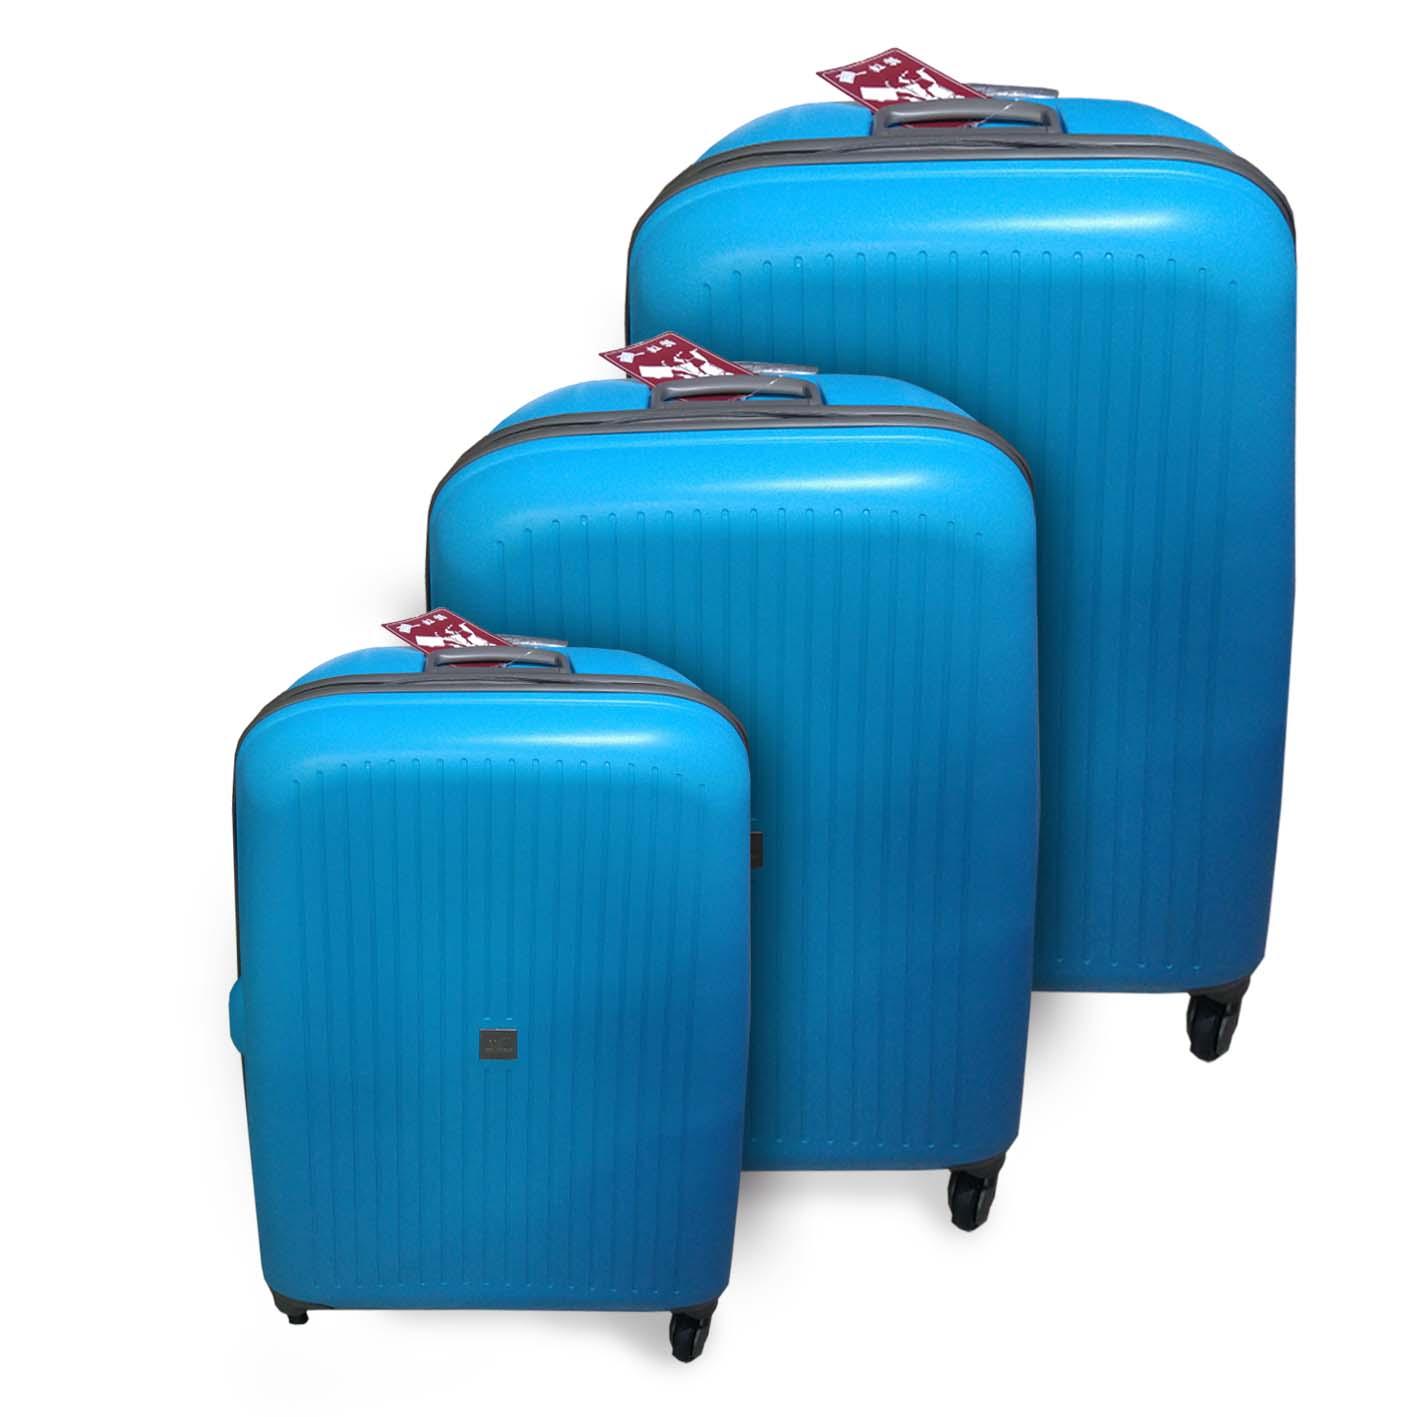 סט טרול מזוודה 3 חלקים קשיח